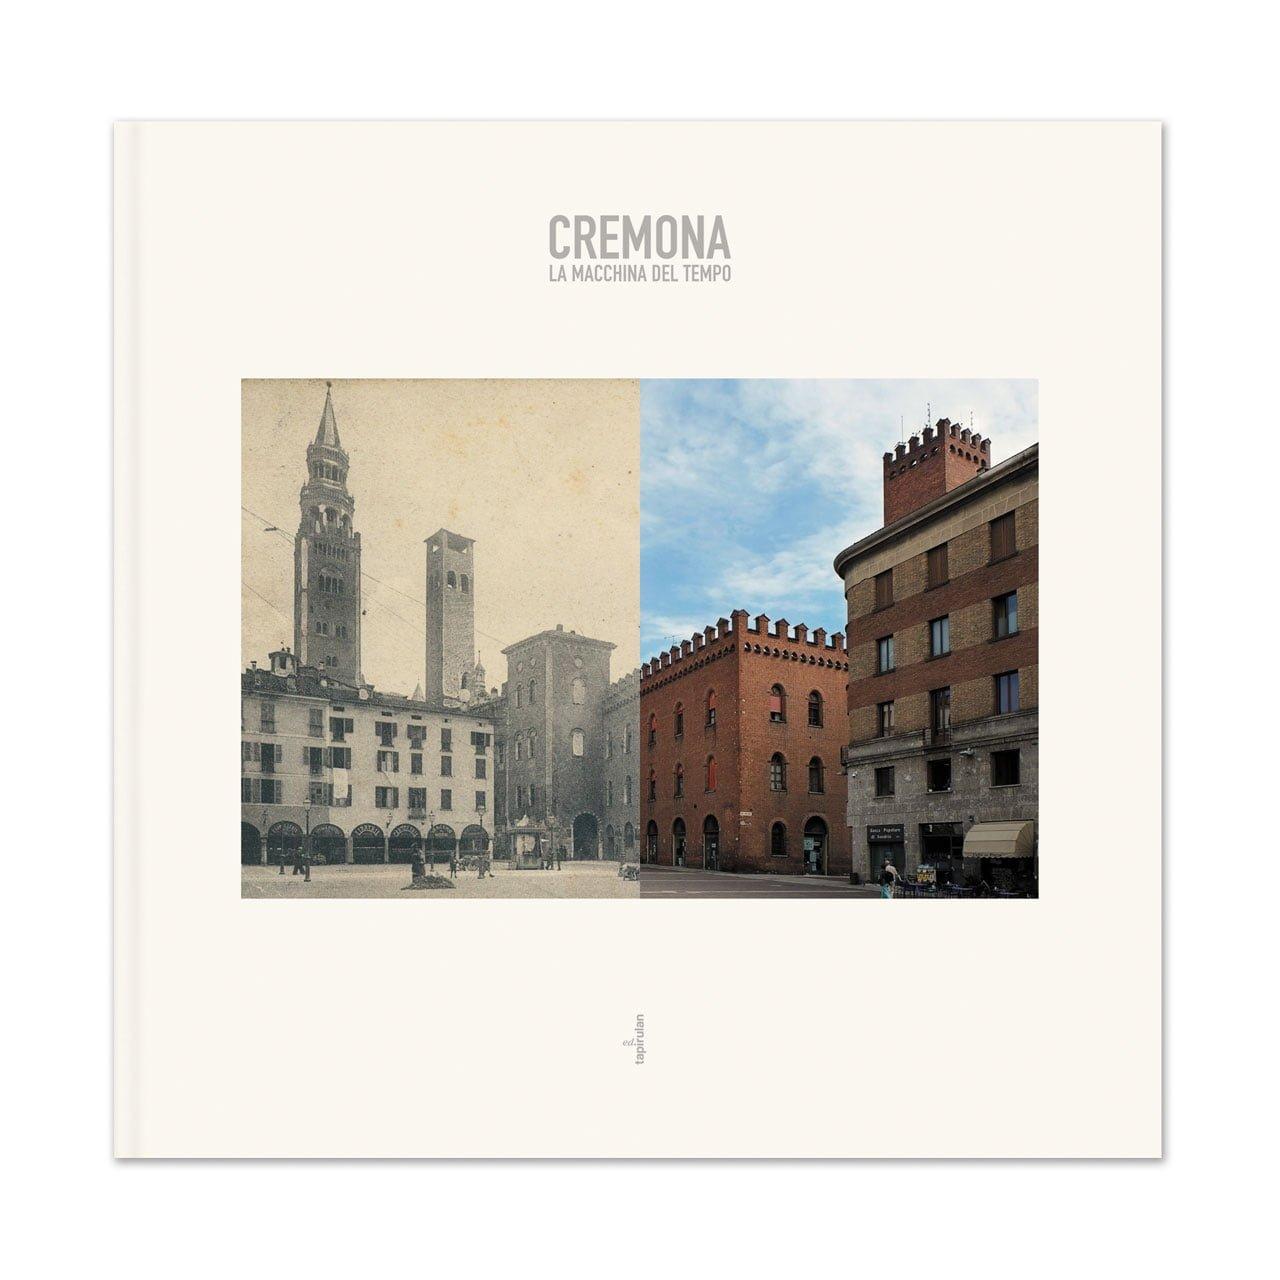 Cremona - La macchina del tempo